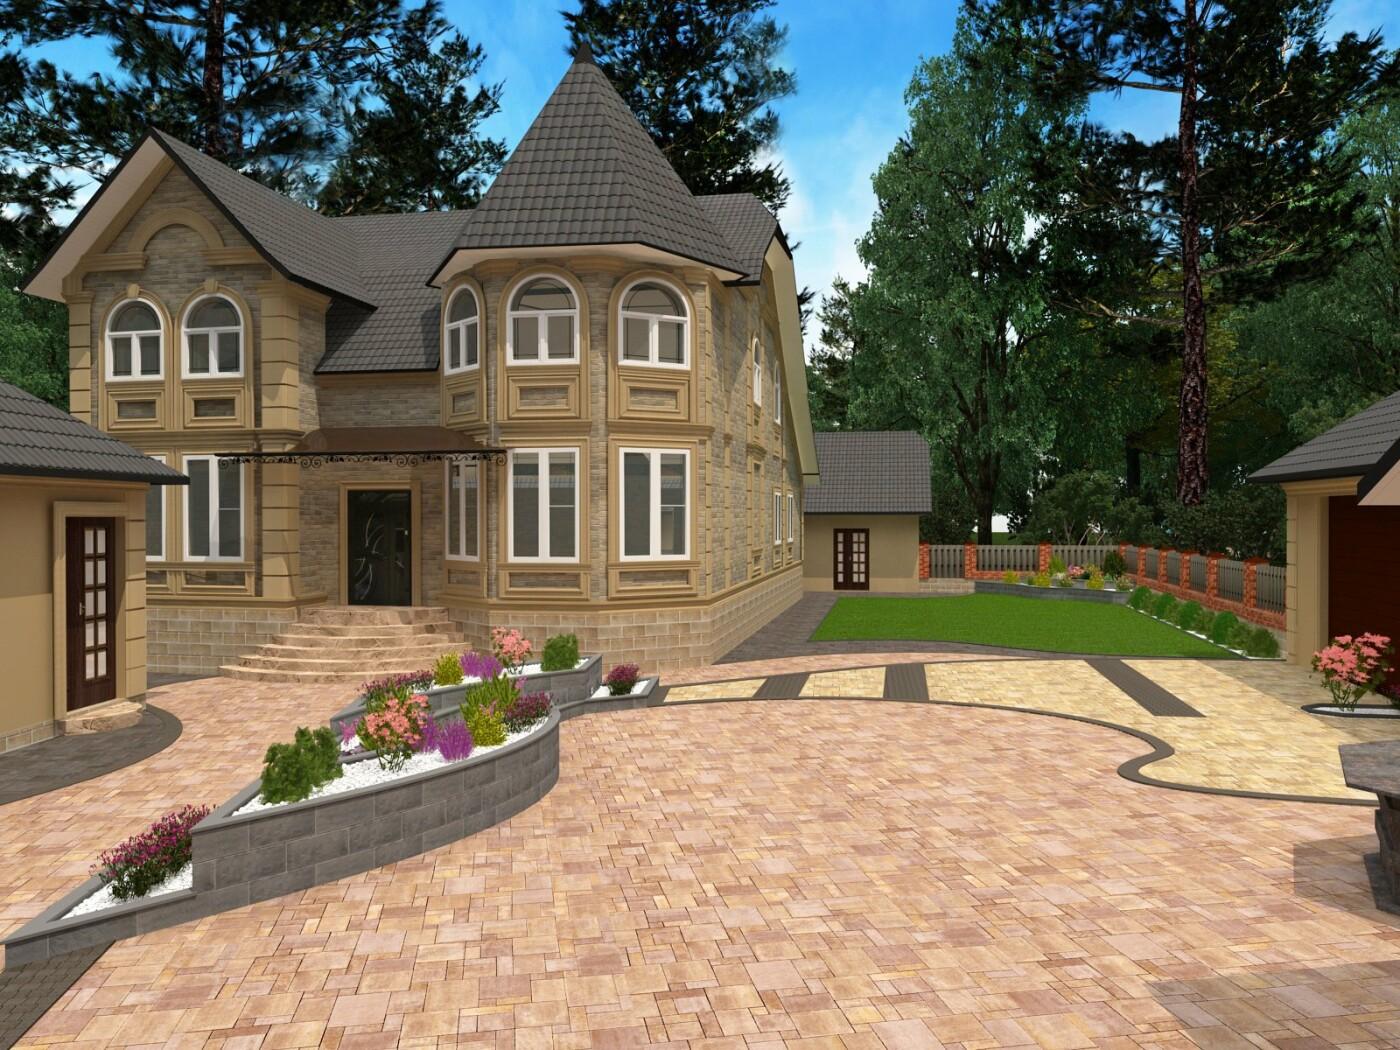 Заказать ландшафтный дизайн, Дизайн-студия Романа Москаленко